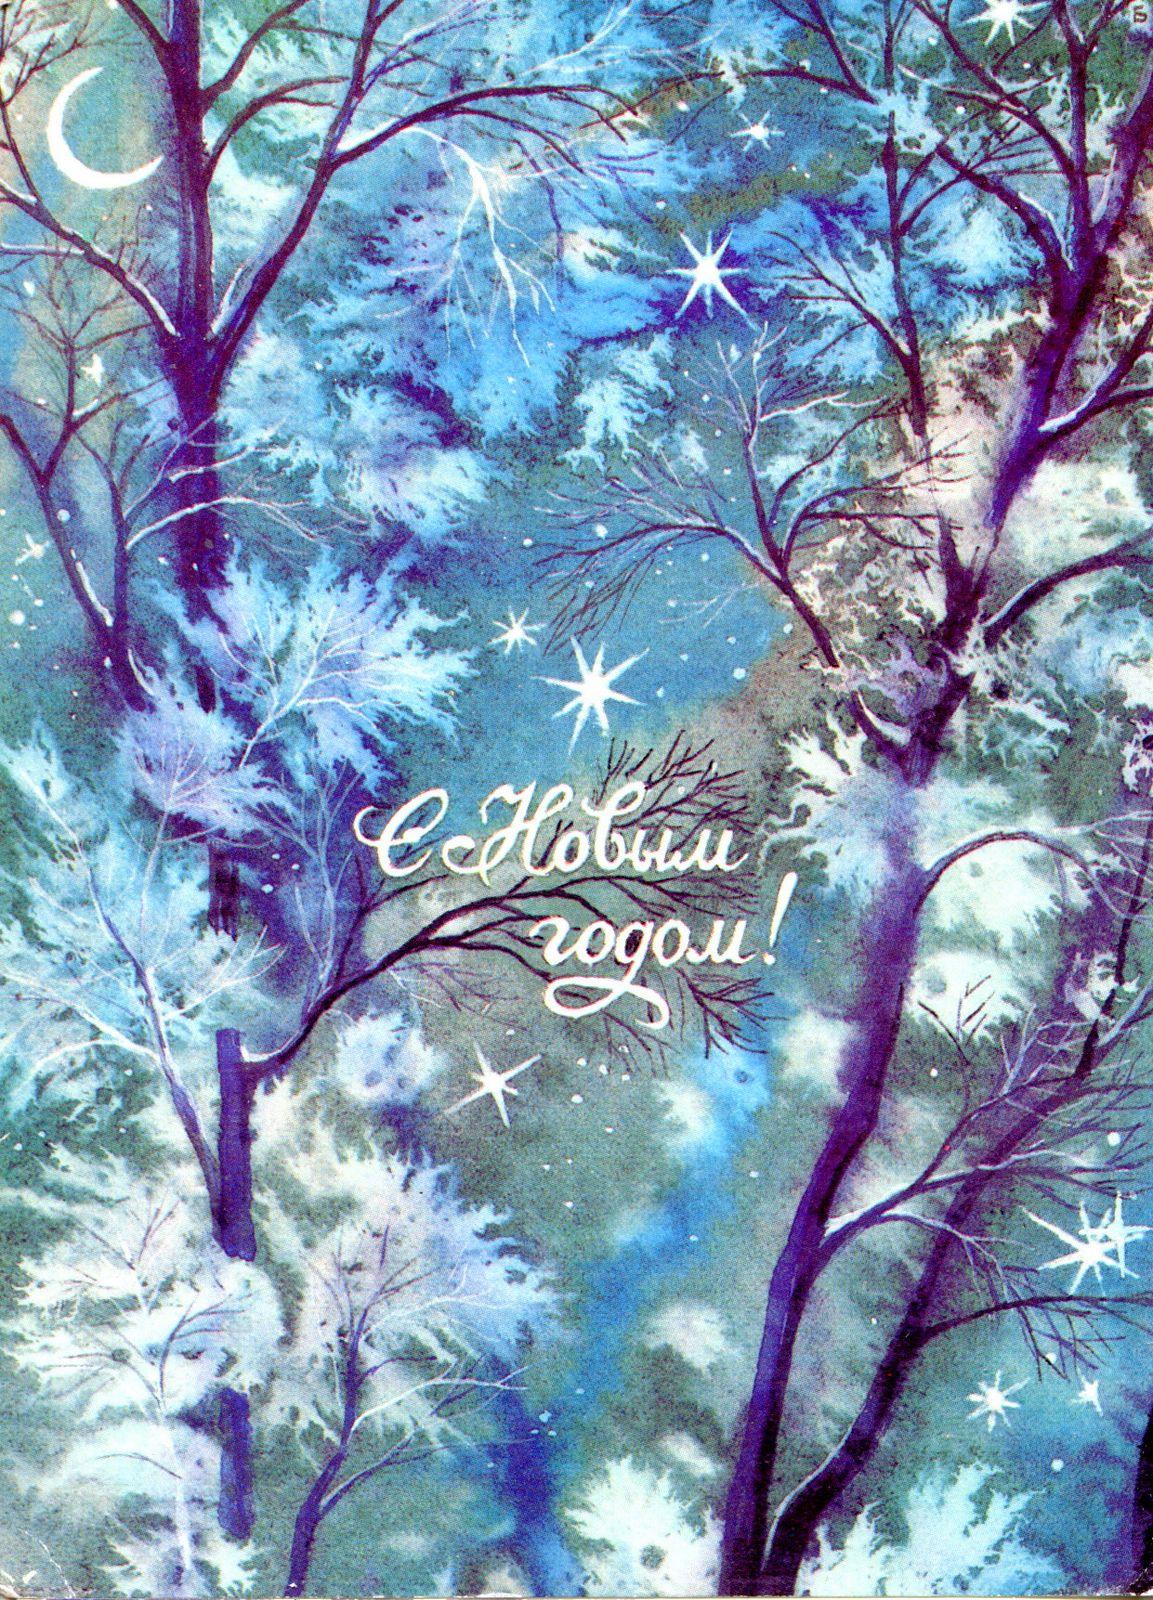 Природа новогодние открытки, дню